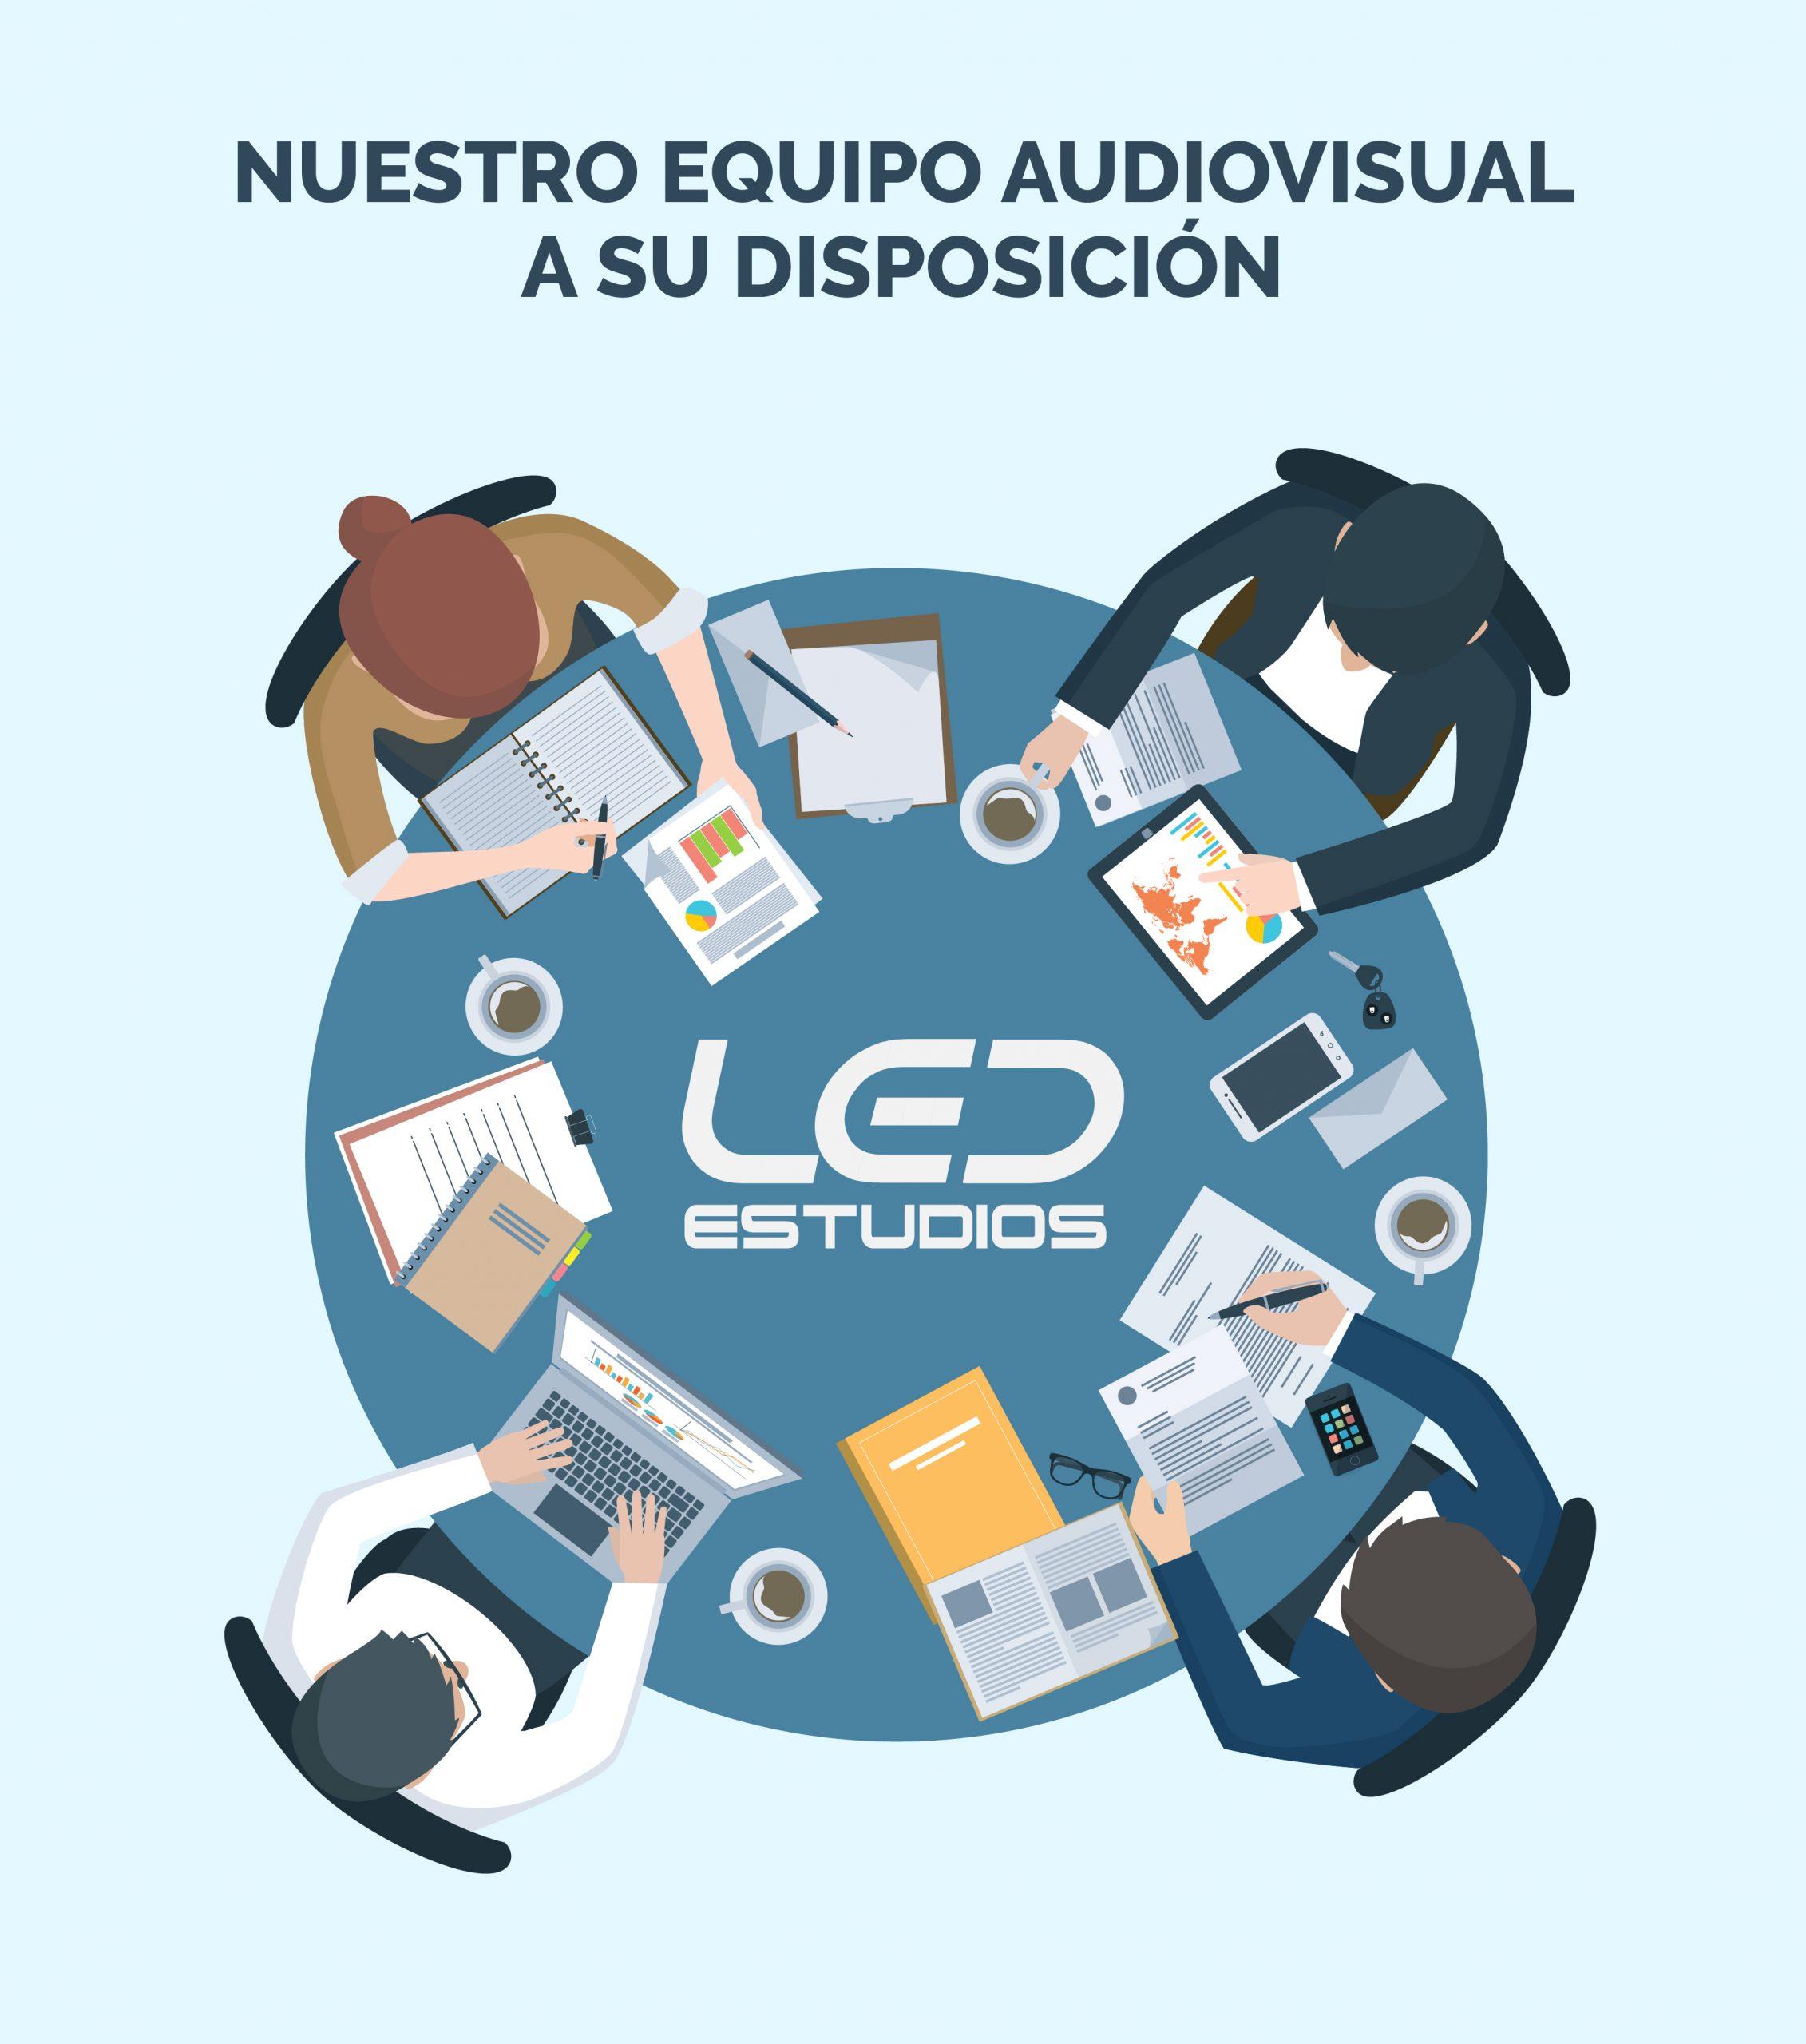 LED ESTUDIOS - Creación y gestión de contenidos para pantallas publicitarias de LED